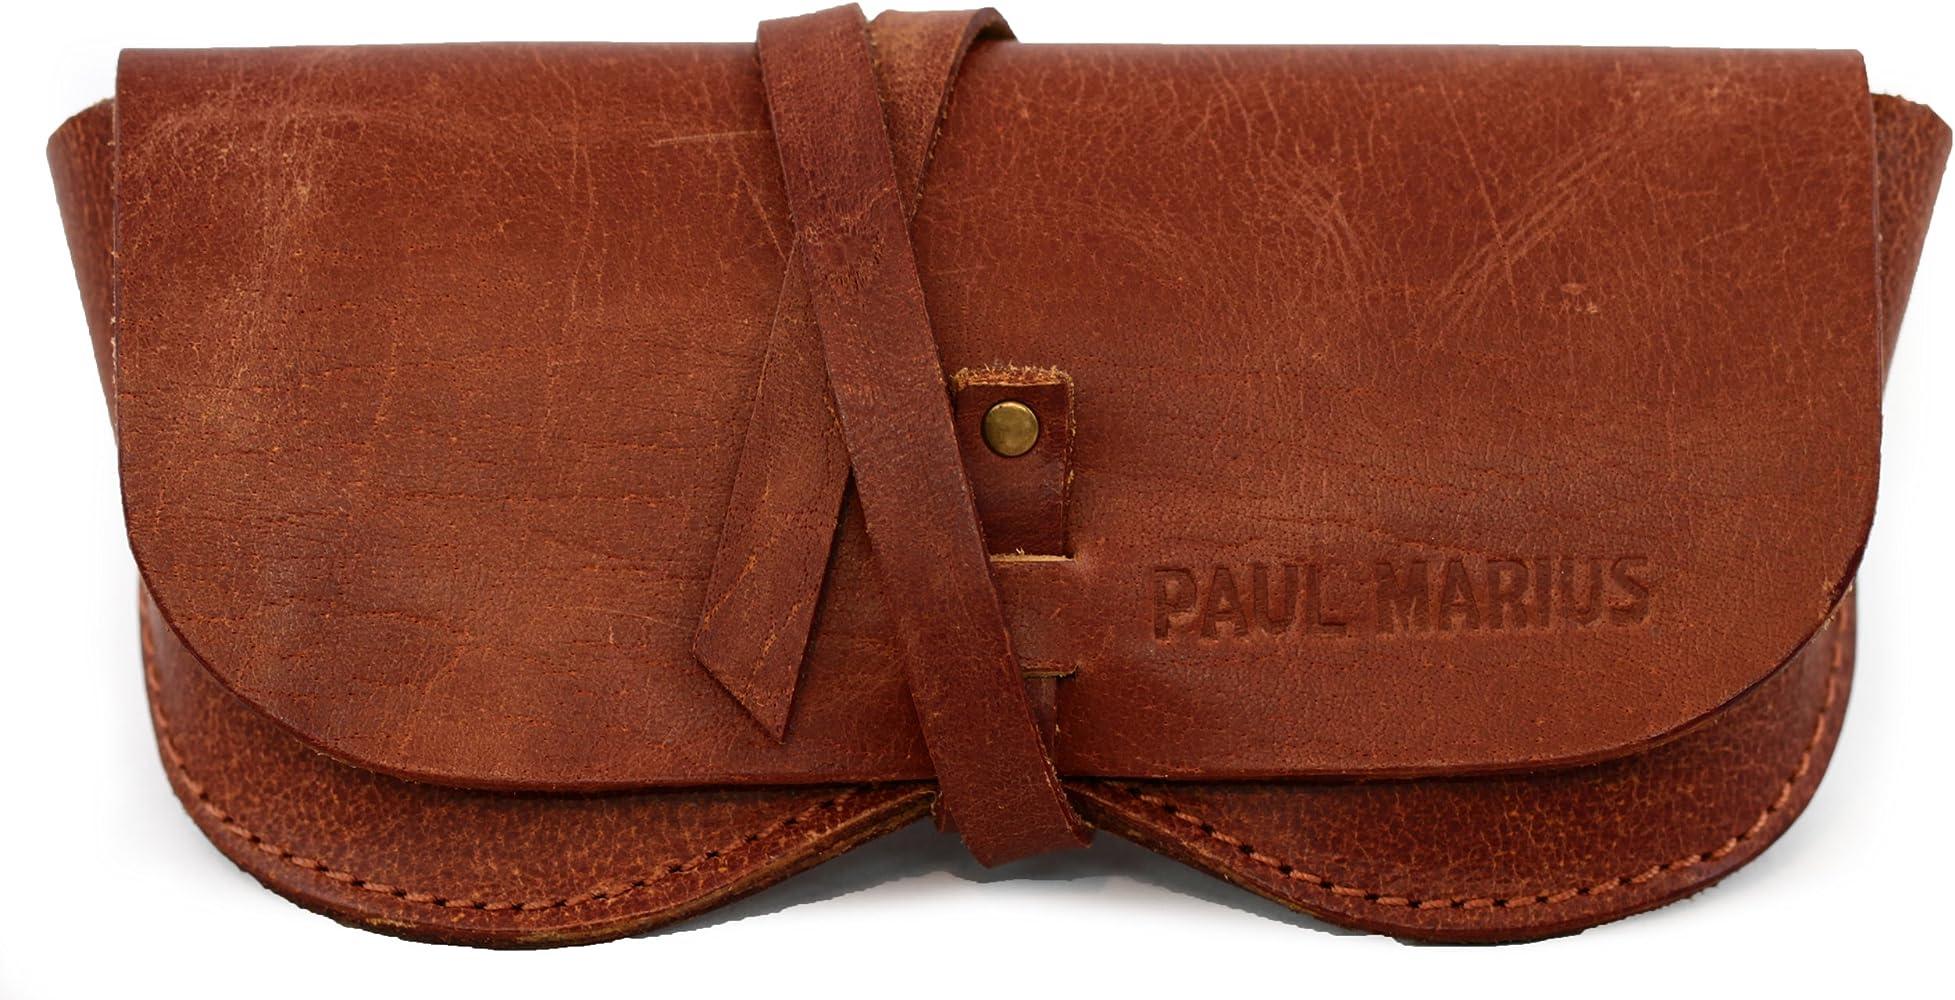 PAUL MARIUS ESTUCHE PARA GAFAS en cuero, adecuado para todos los formatos Vintage & Retro: Amazon.es: Ropa y accesorios